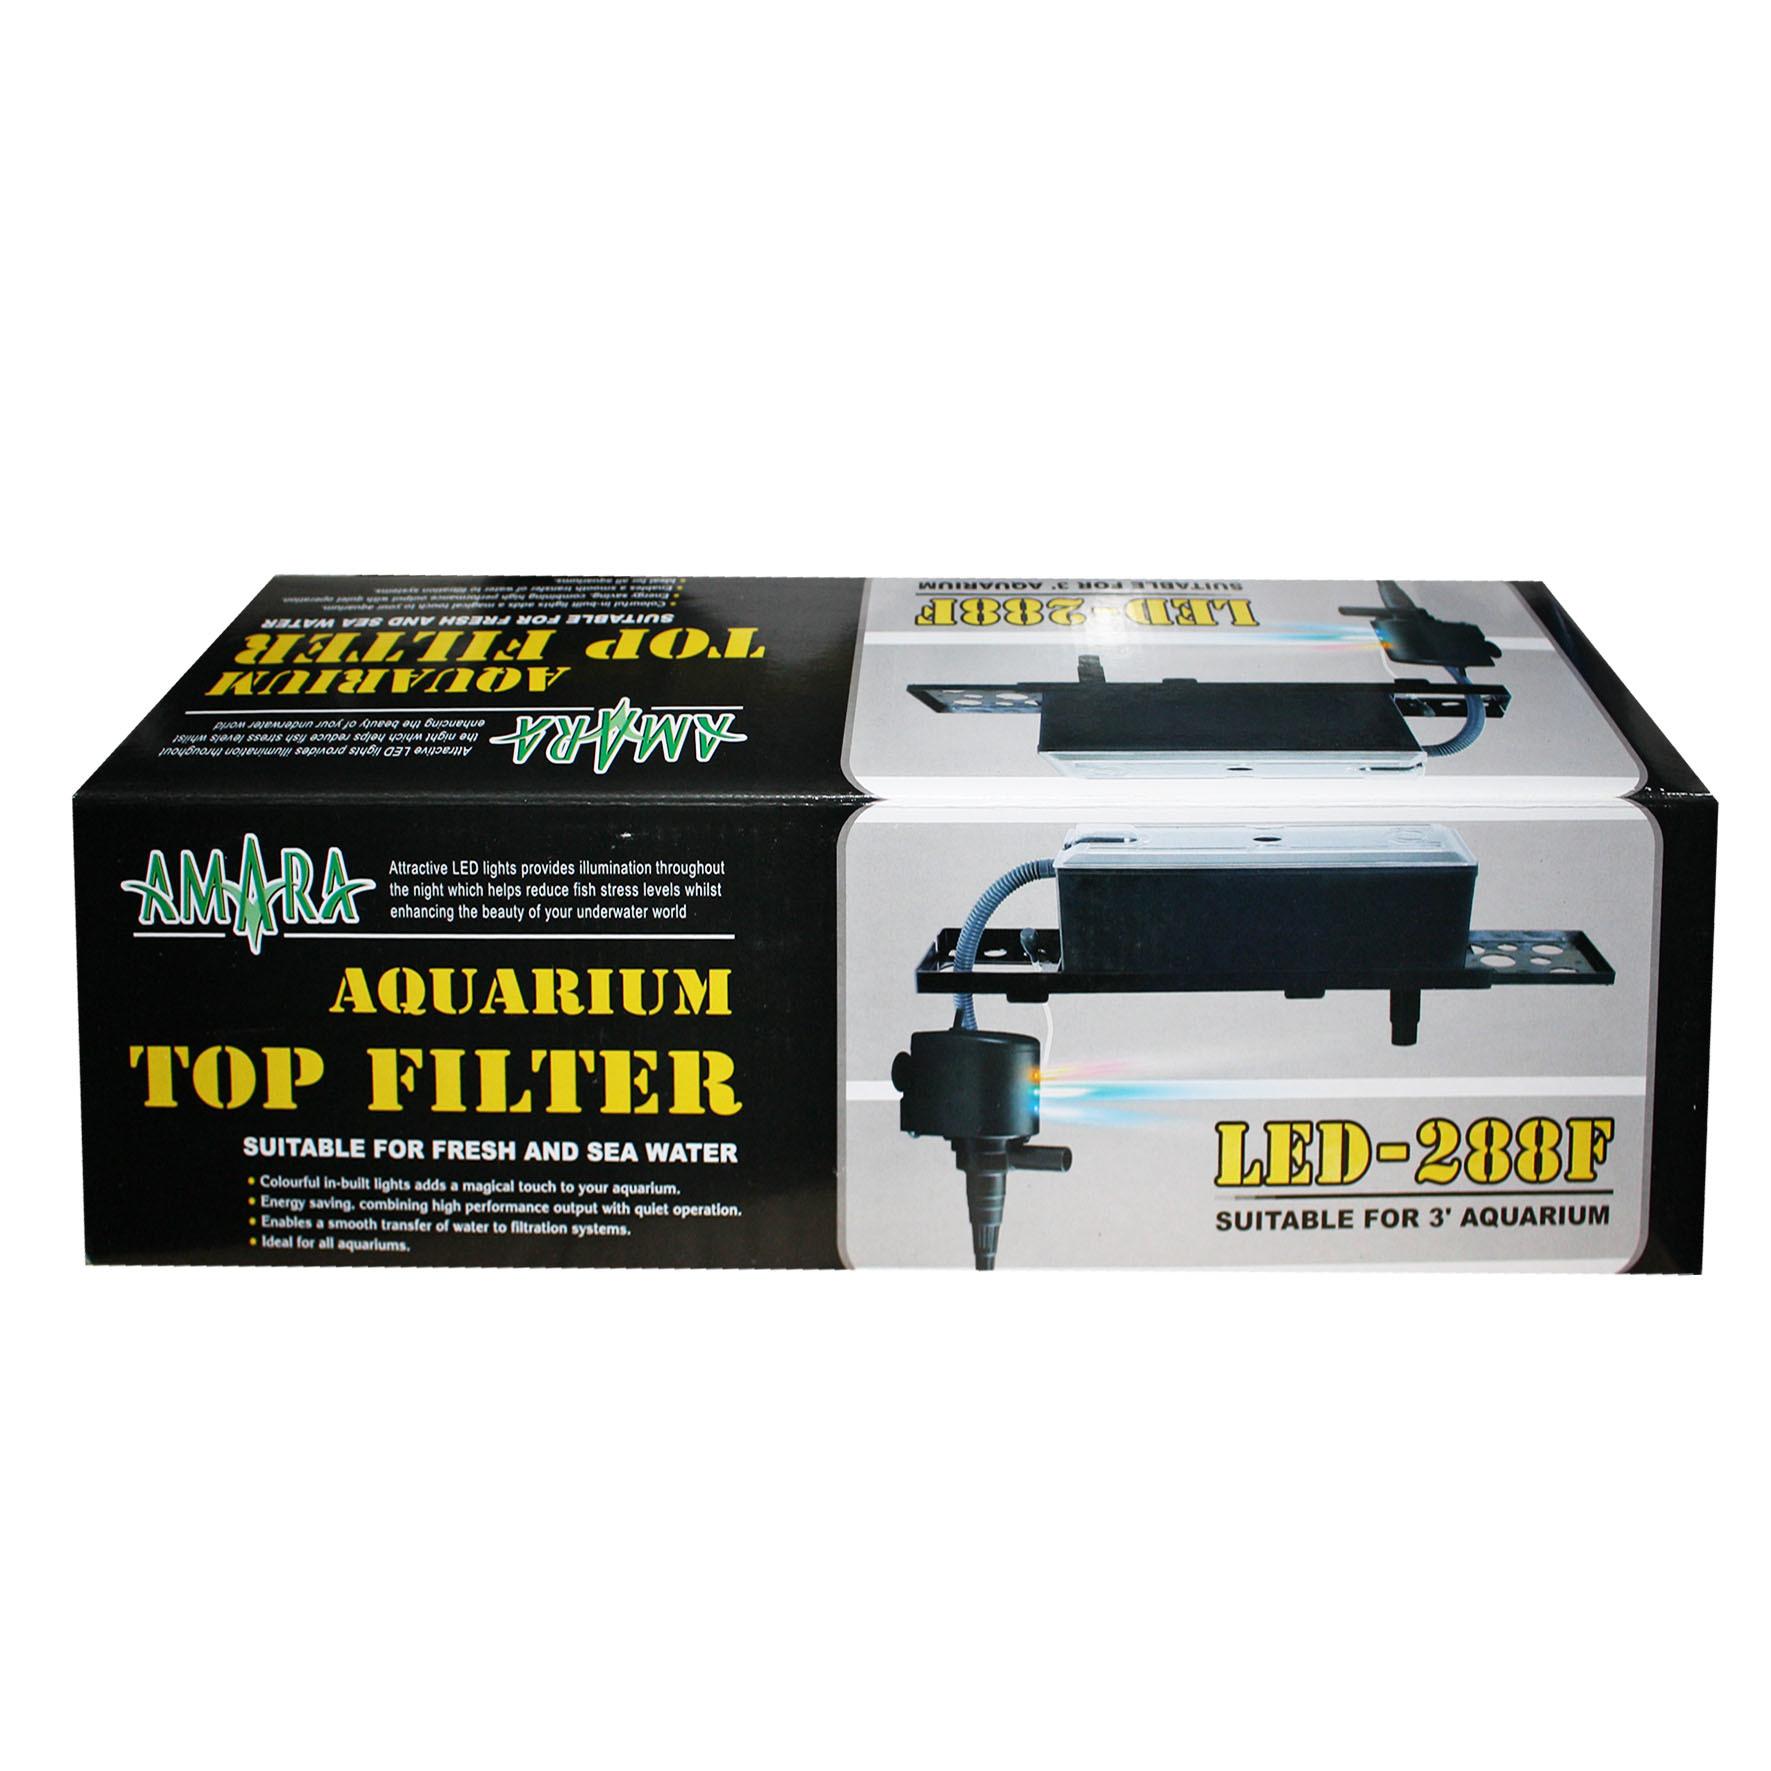 Cabinet aquarium fish tank tropical 60cm 2ft 100l - Amara Led 288f Aquarium Top Filter